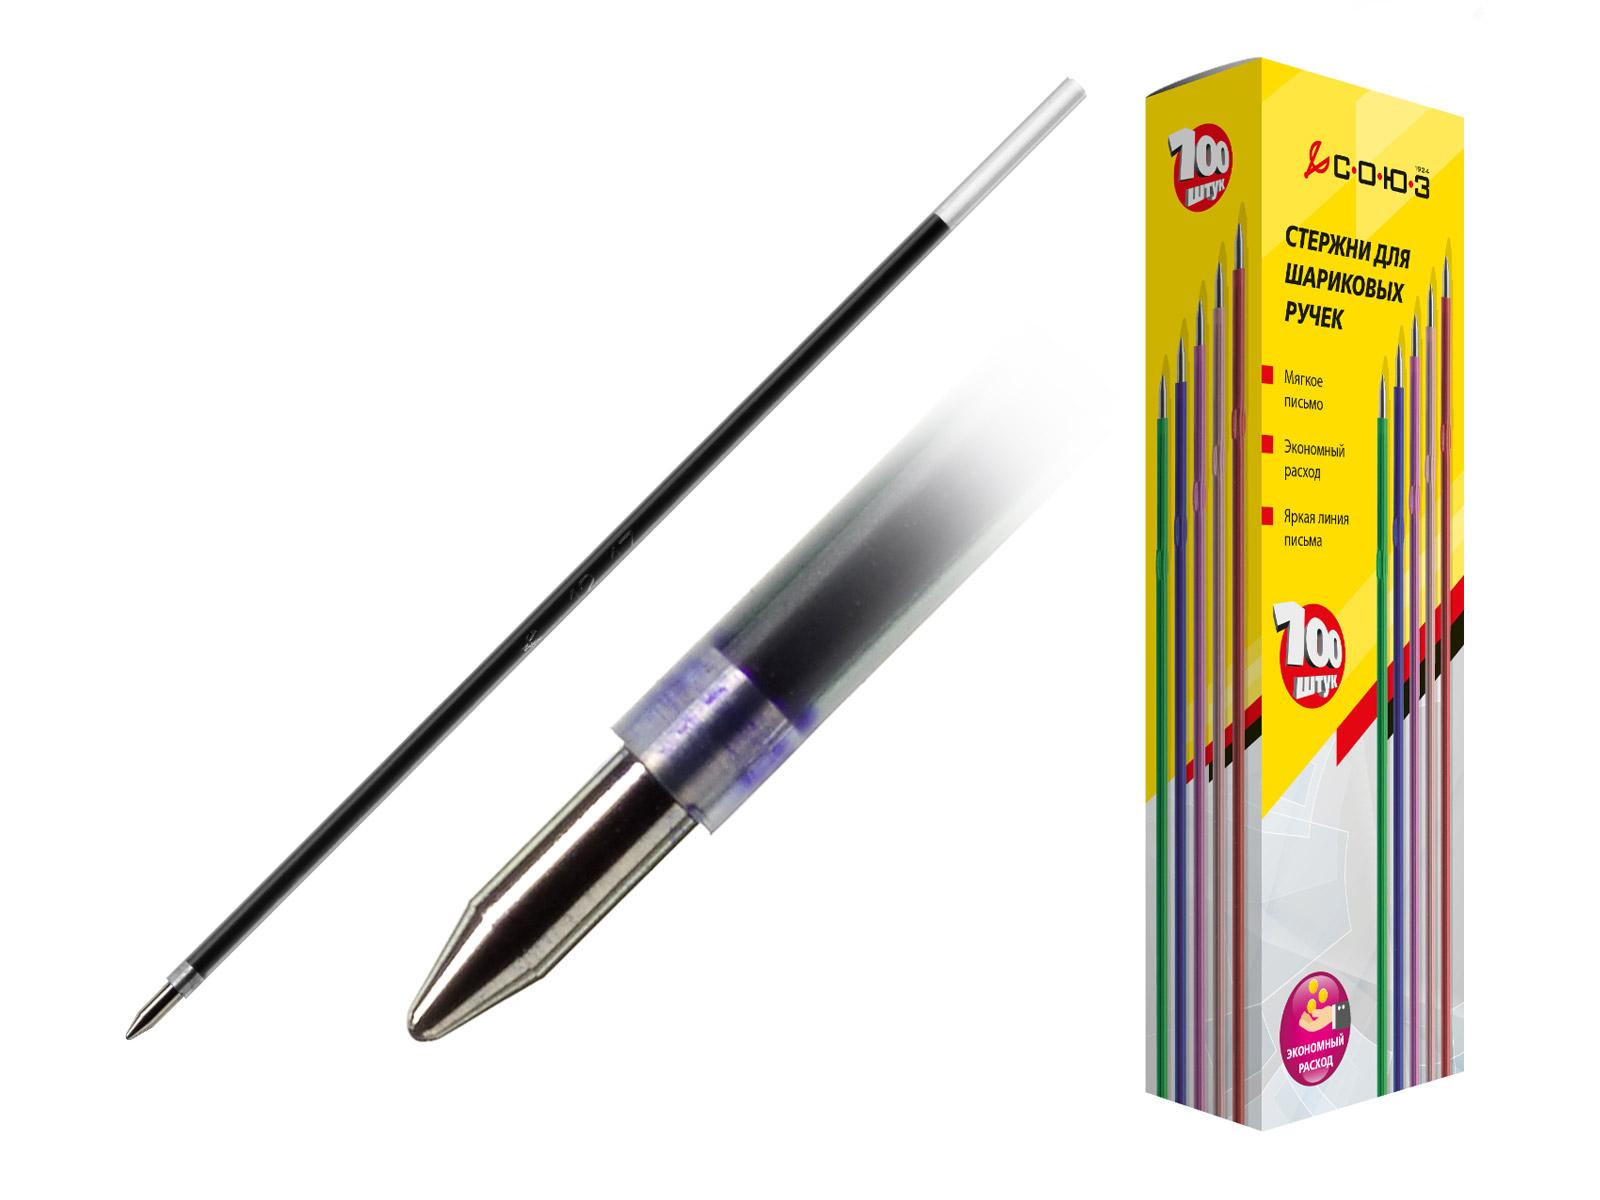 Стержни для шариковых ручек УП138